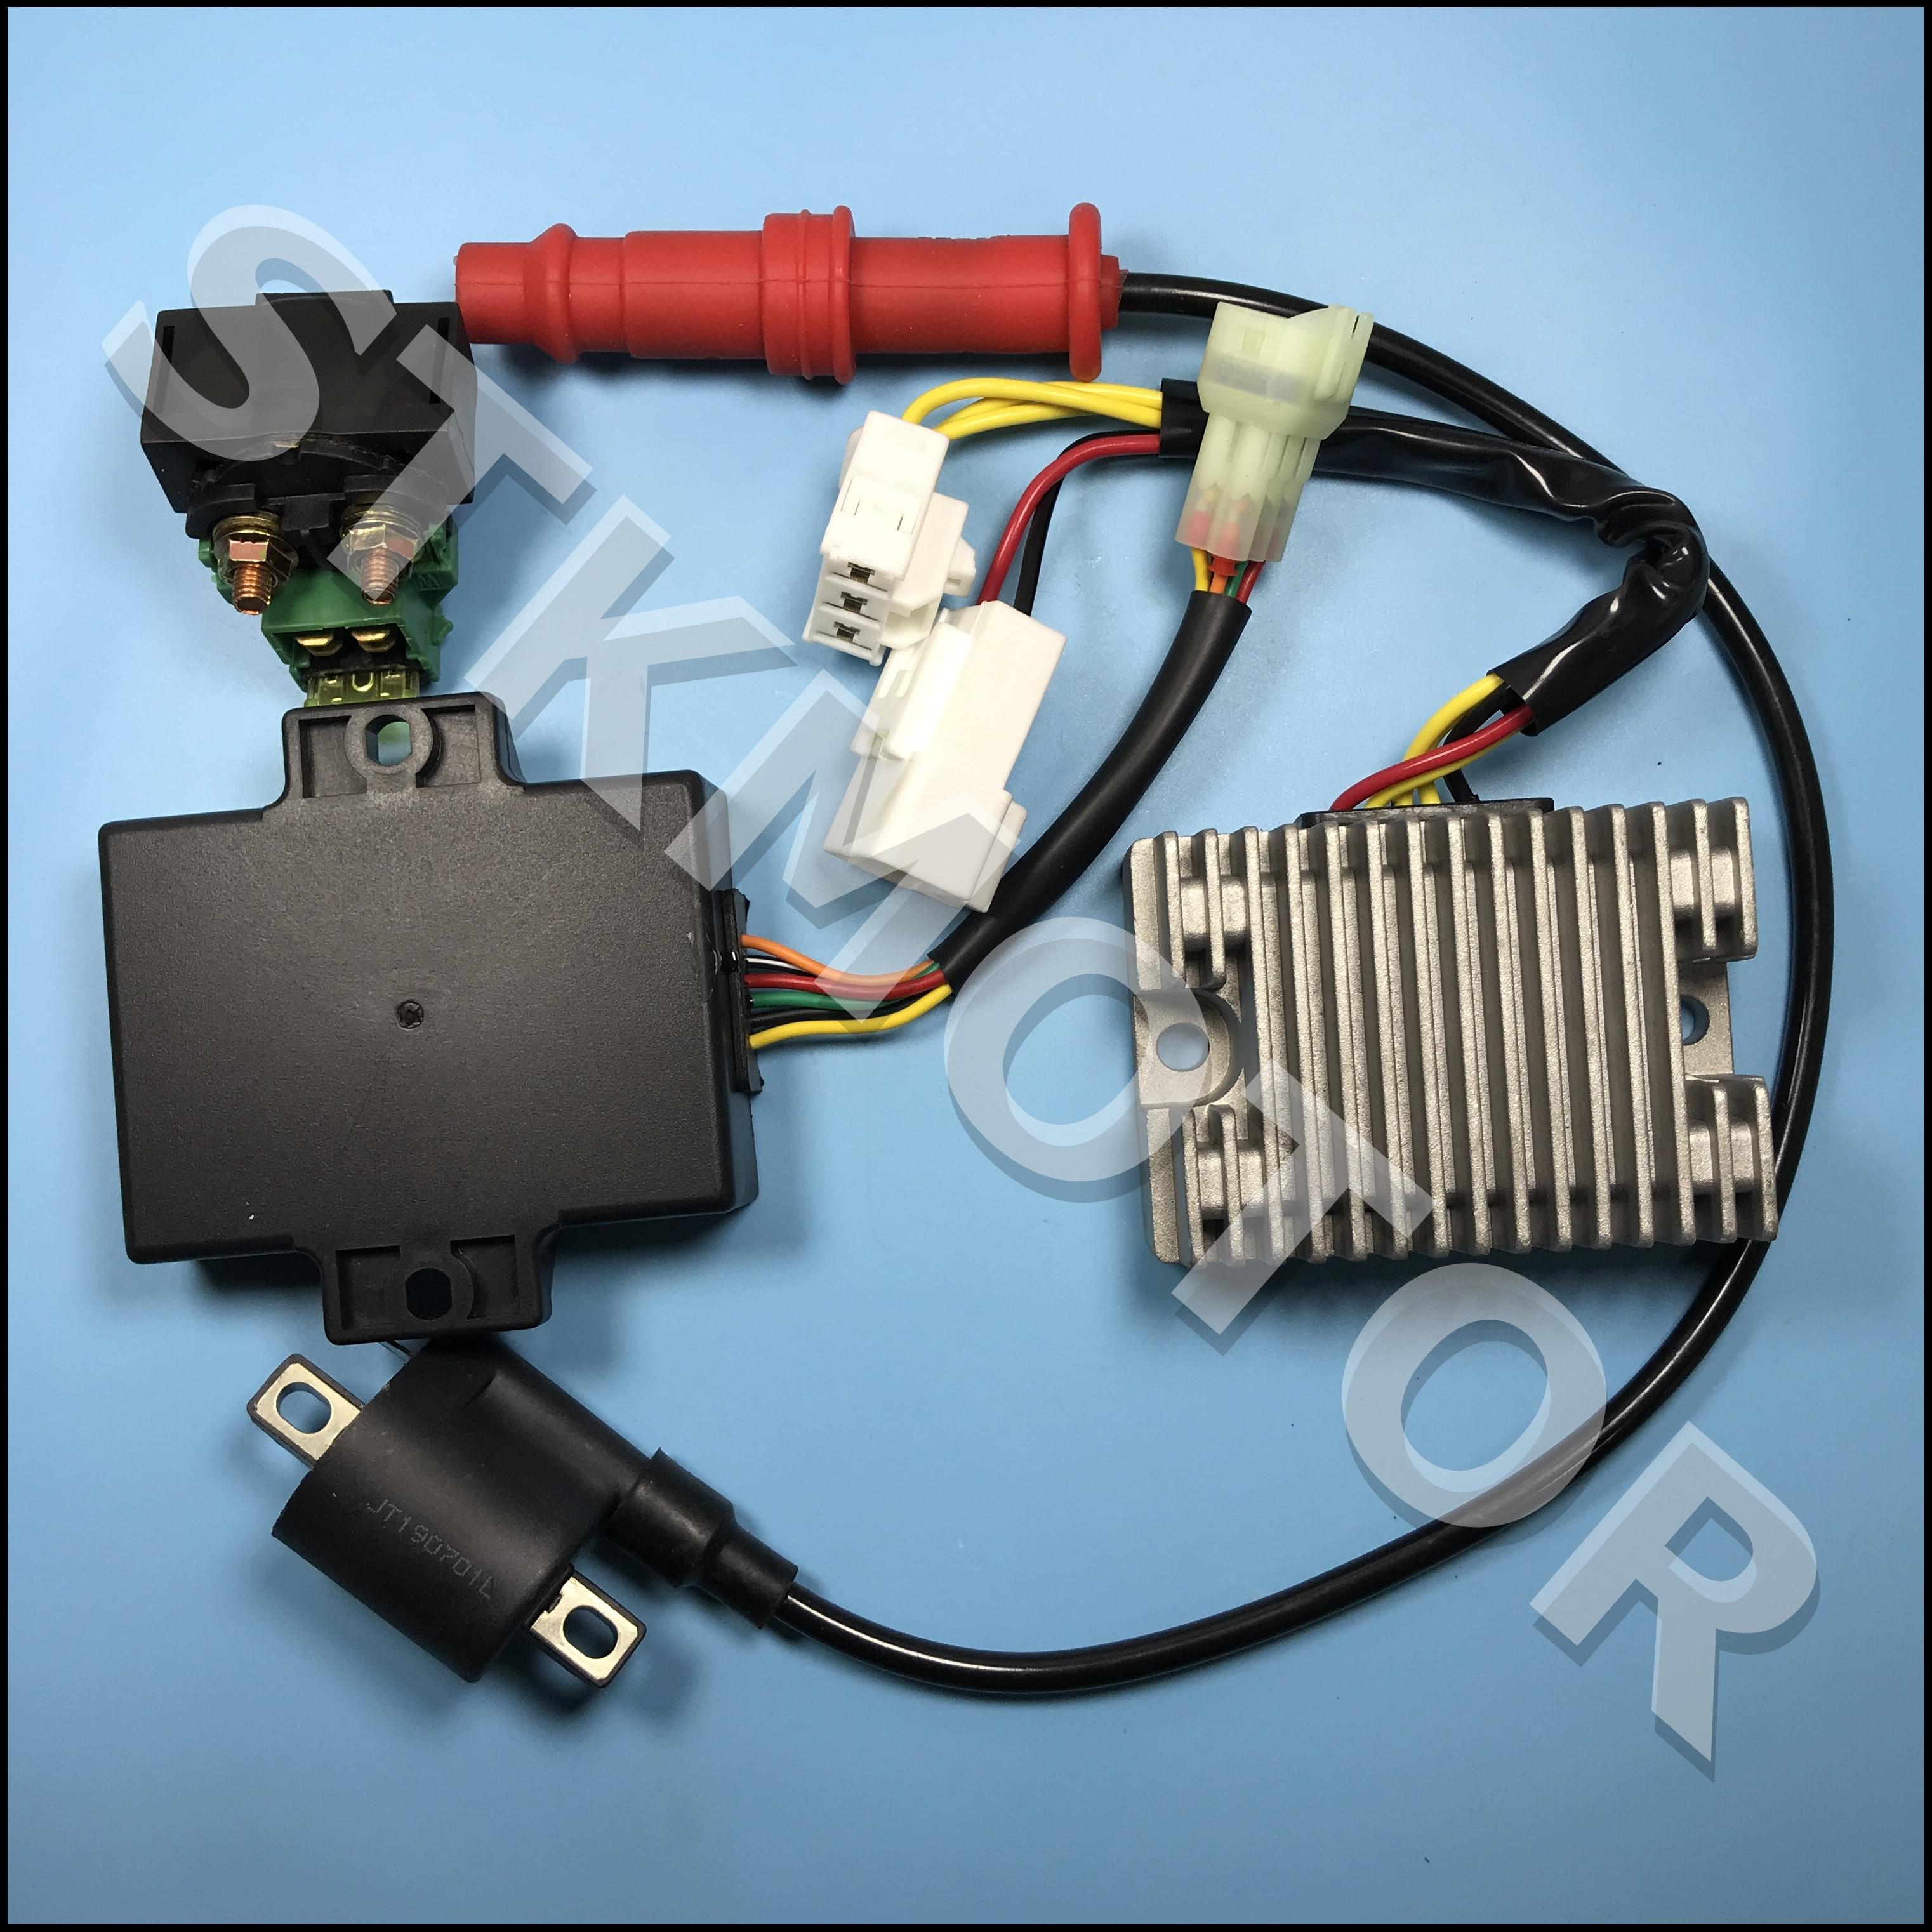 KAZUMA 500 500CC ATV Quad Electric Parts CDI катушка зажигания реле регулятор напряжения